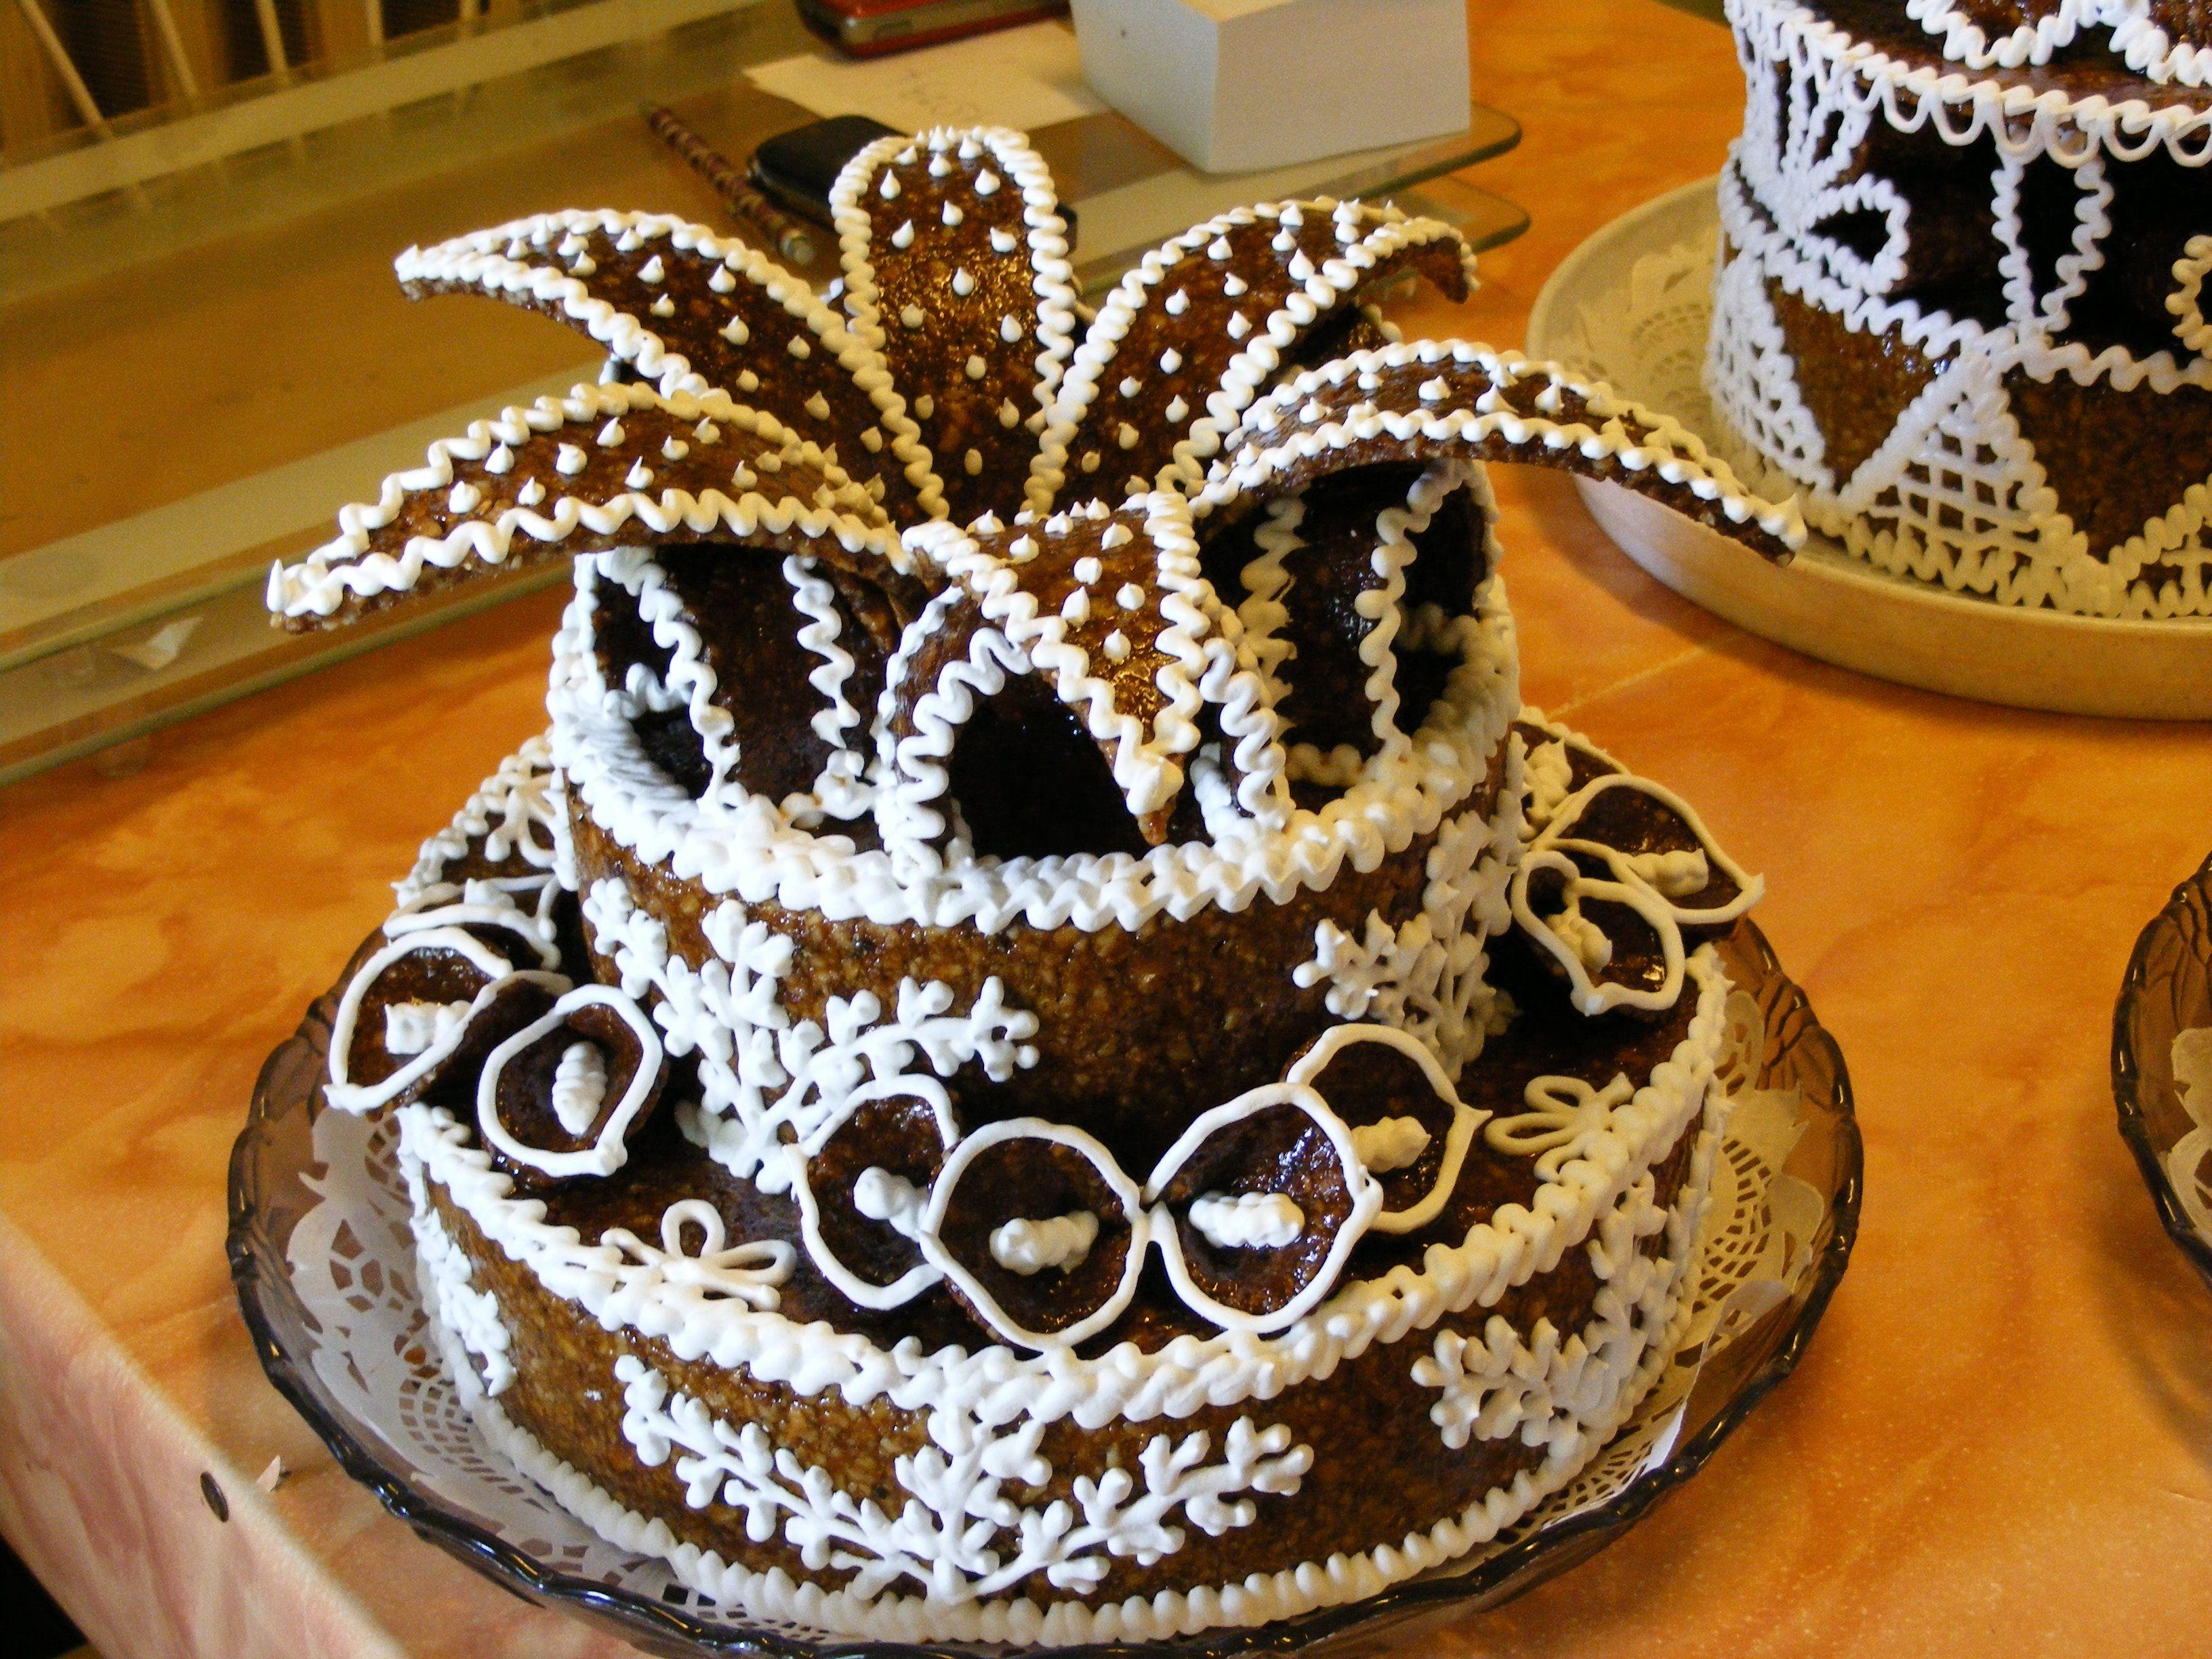 pörkölt torta képek Pörkölt torta készítés a Nők Klubjában 2012. március 01.   27  pörkölt torta képek